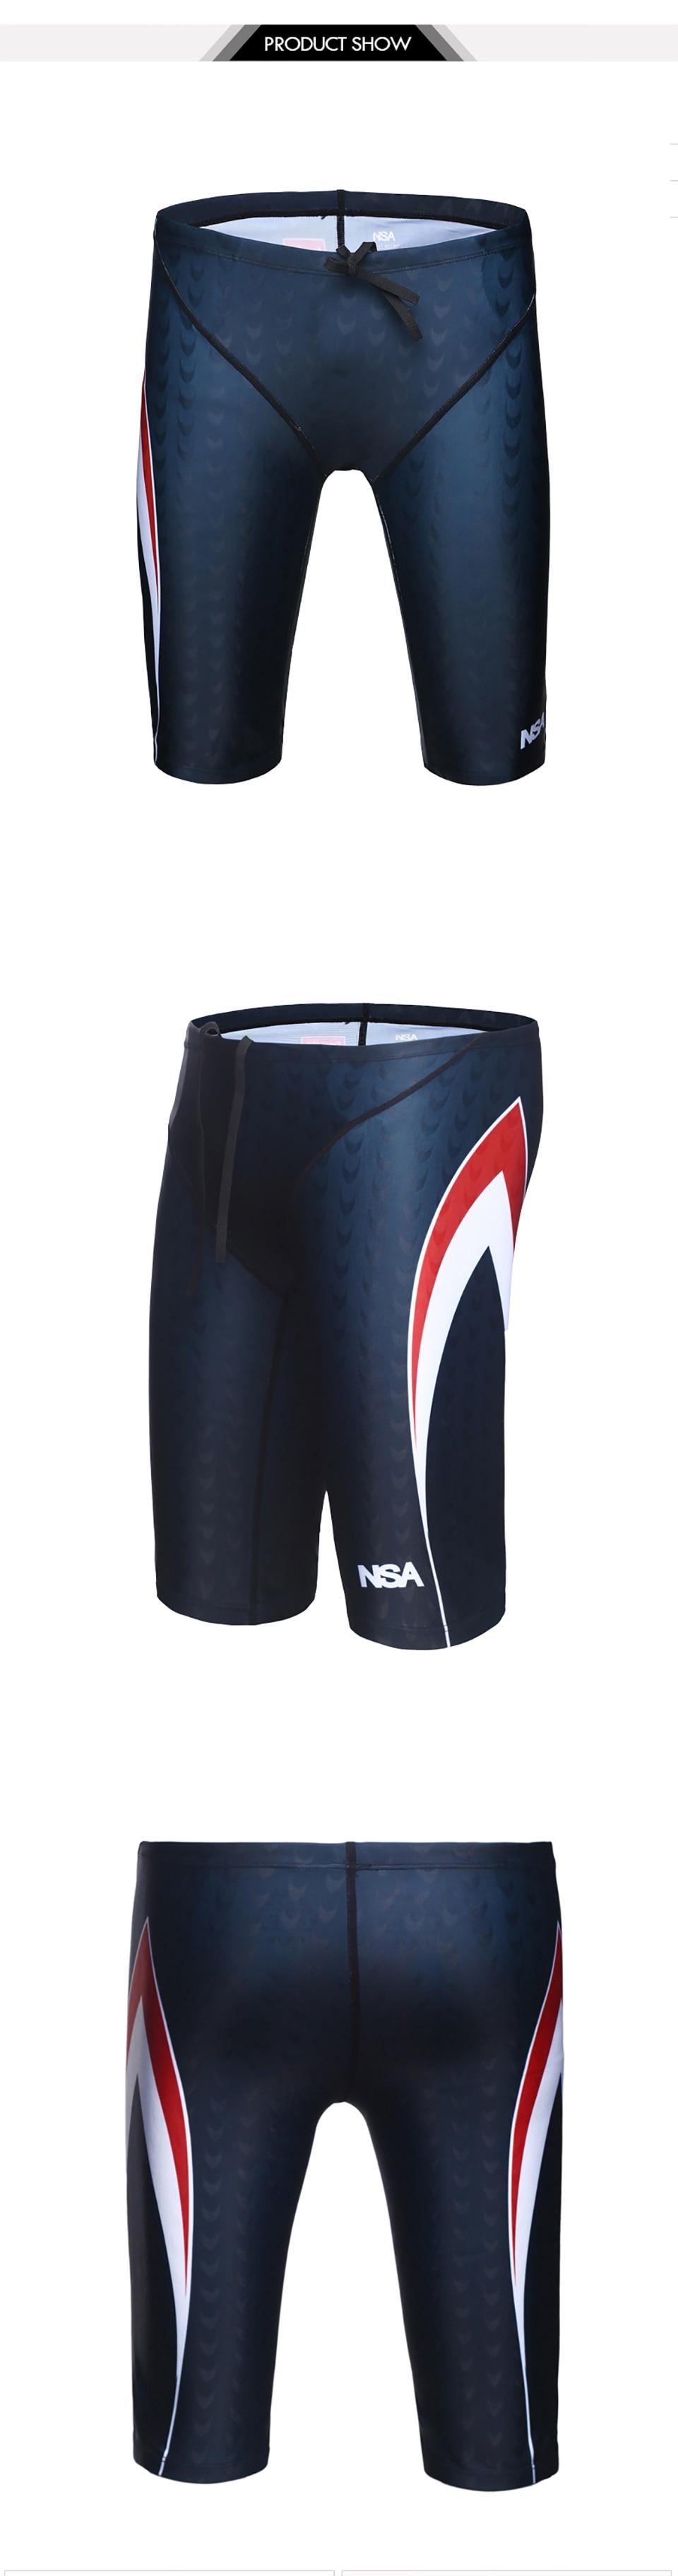 fb9db9393292 NSA Men Professional Swimming Briefs Sharkskin Underwear Trunks Swimwear  Plus Size 5XL Bathing Suit Mens Swimsuit Beachwear